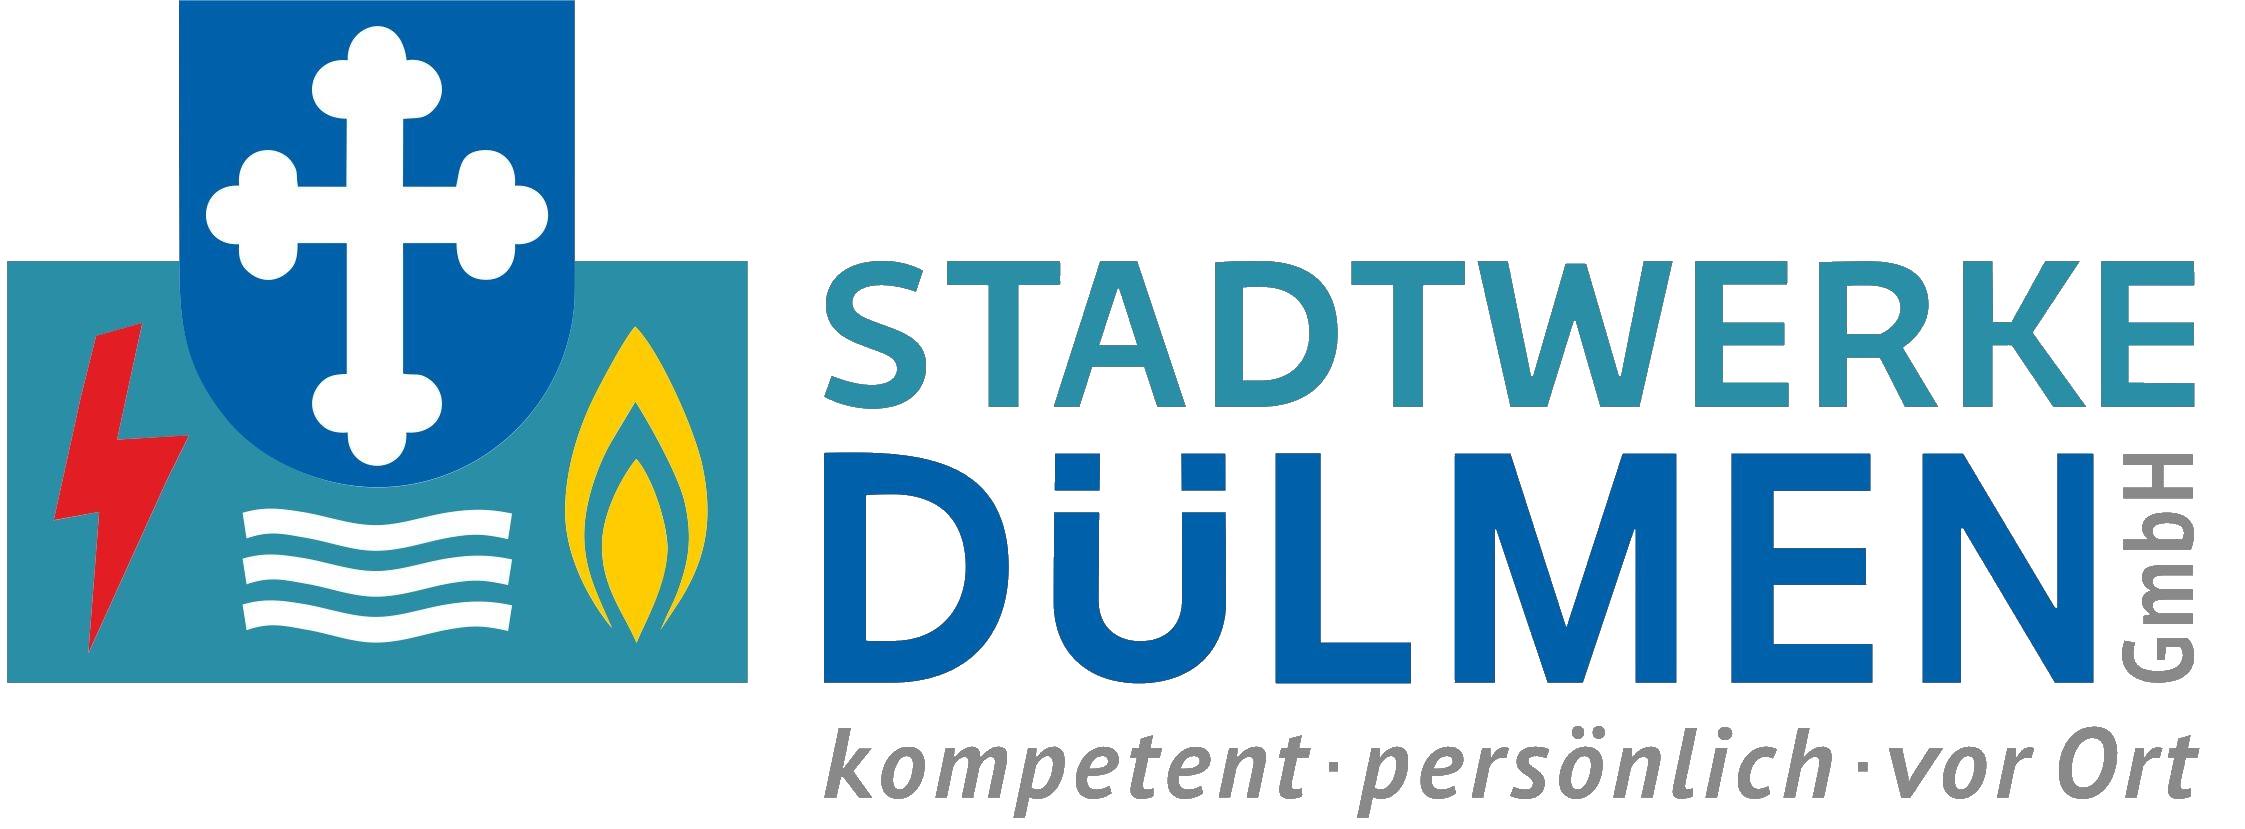 Stadtwerke Dülmen GmbH